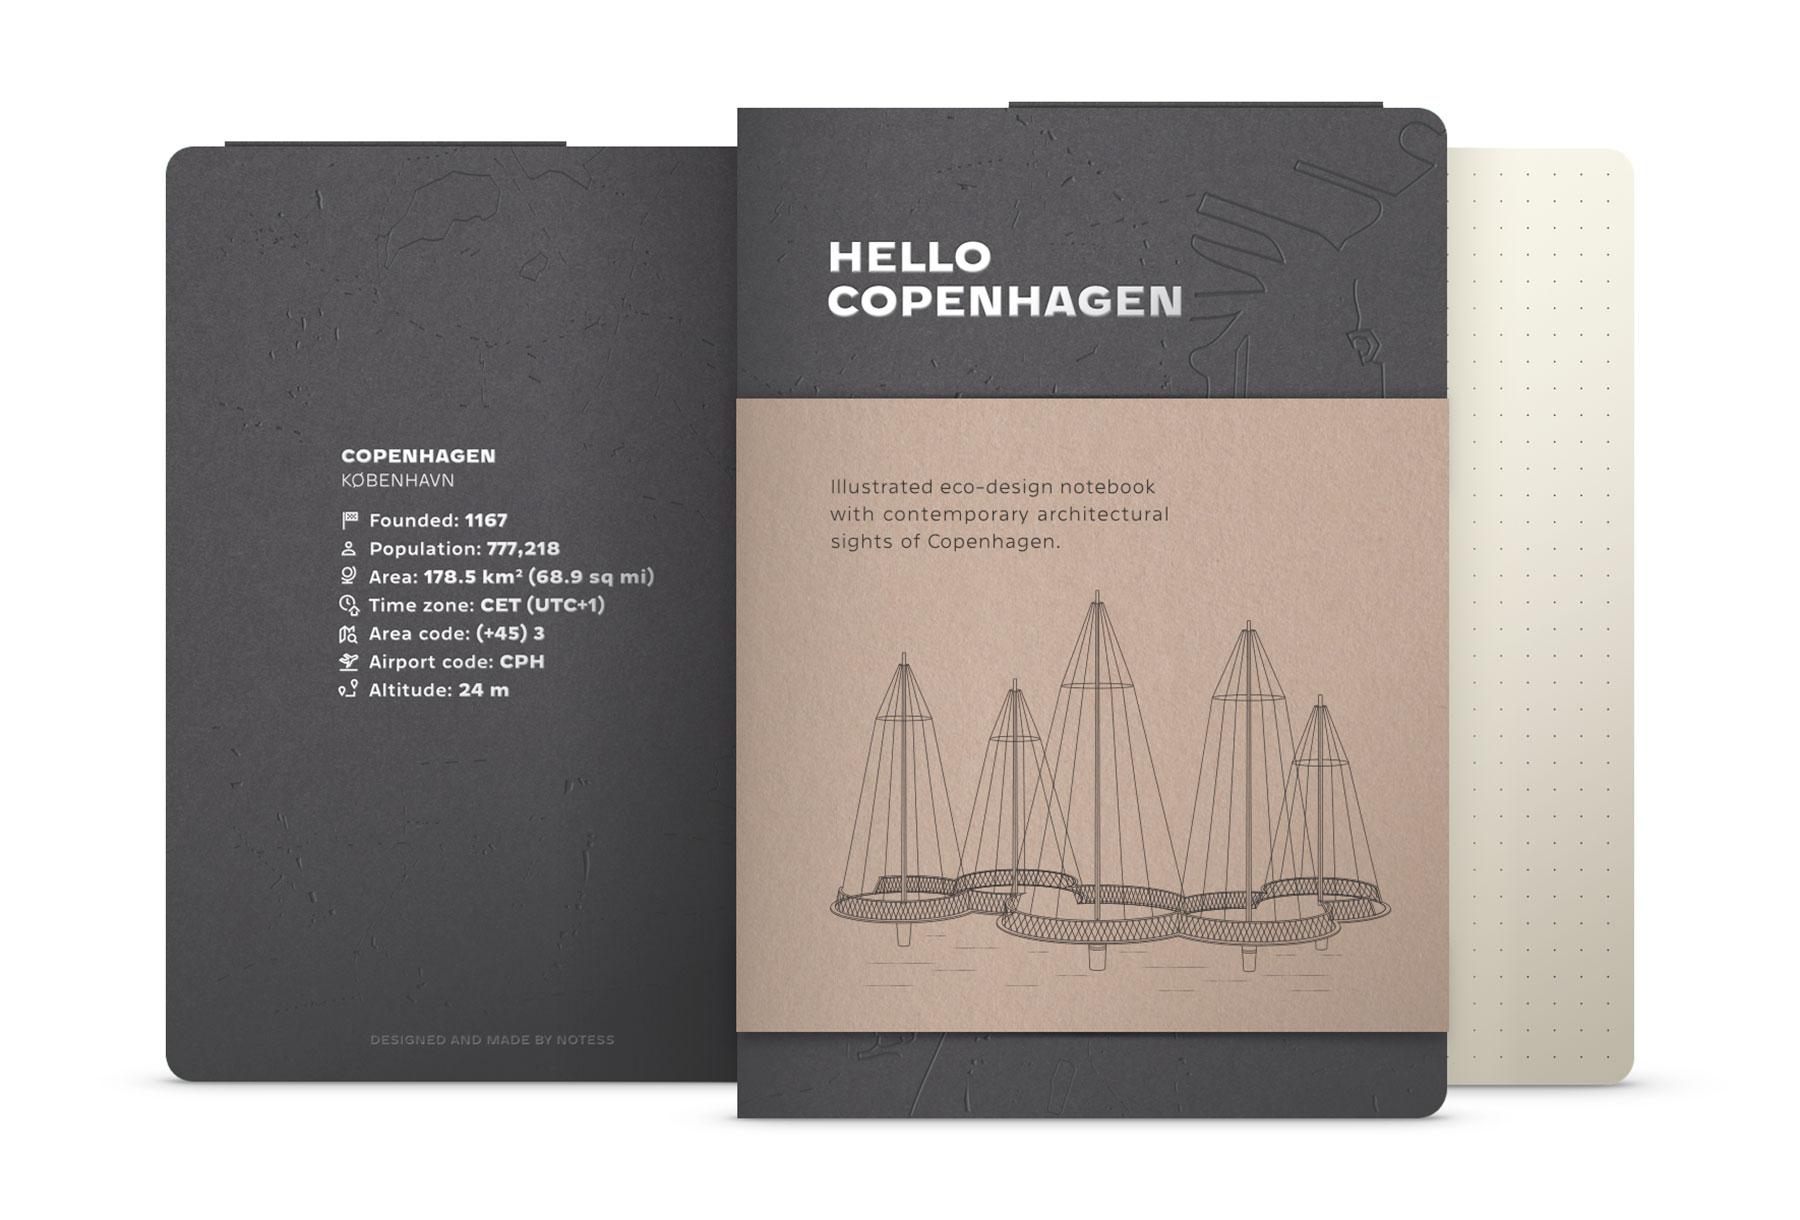 Hello-Copenhagen-Notebook-Basalt-Grey-Product-02.jpg